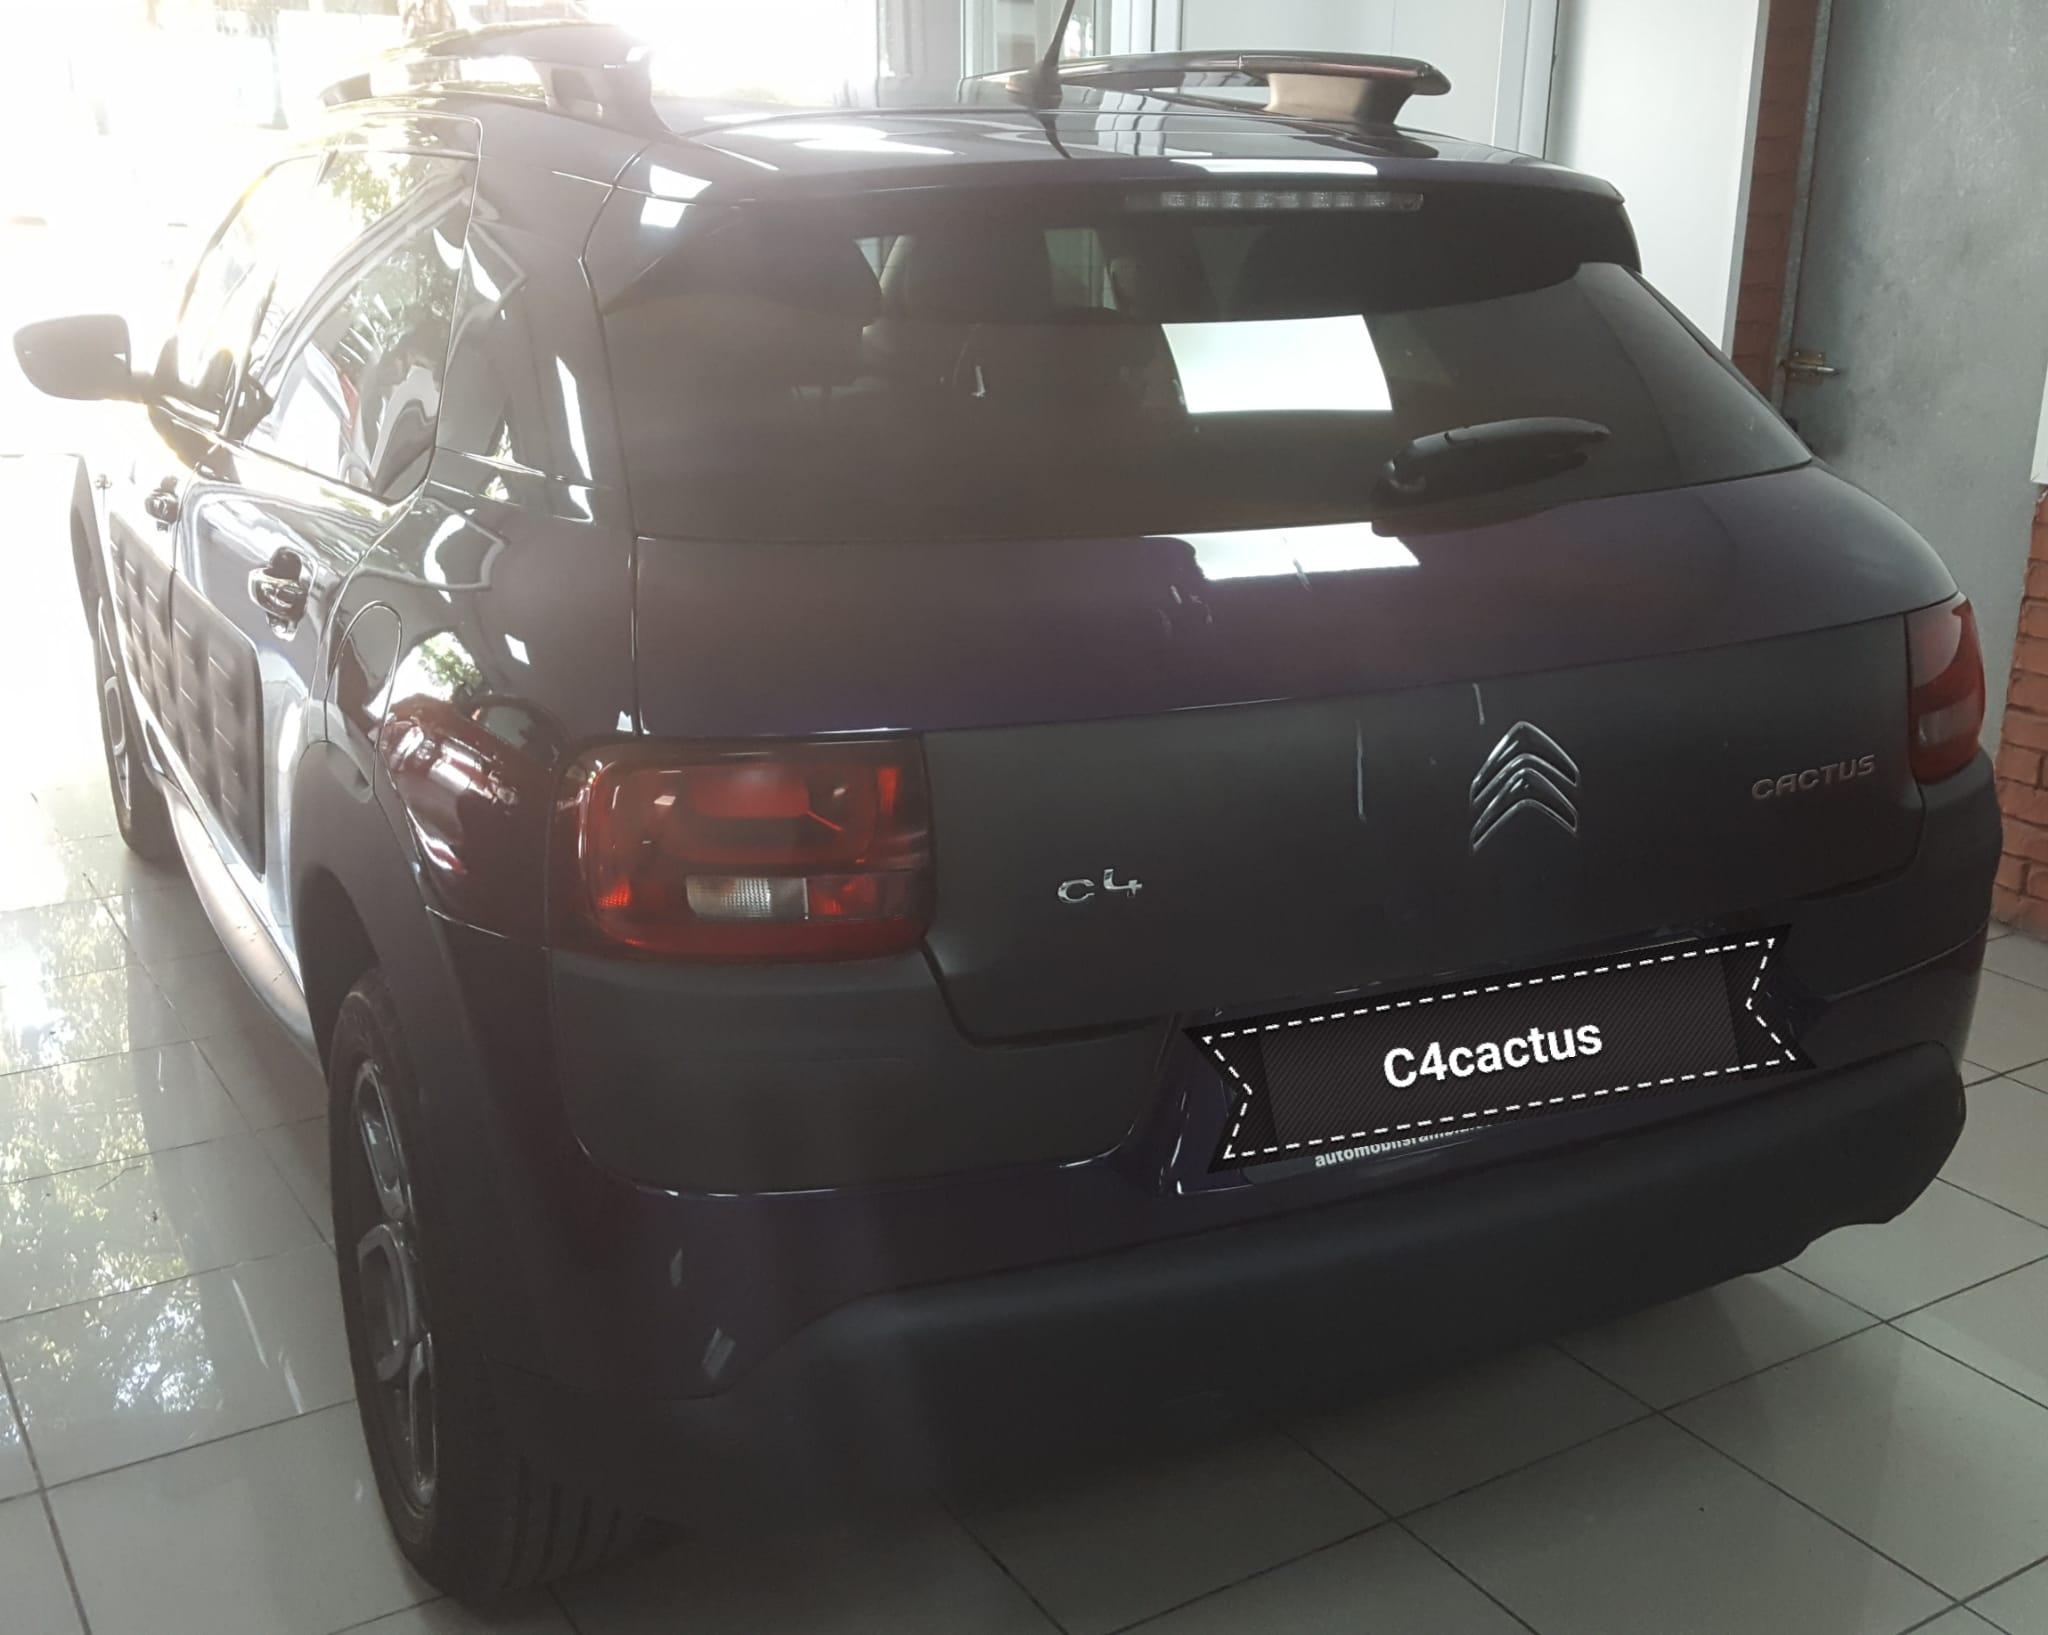 Citroën c4cactus 1.6 bhdi